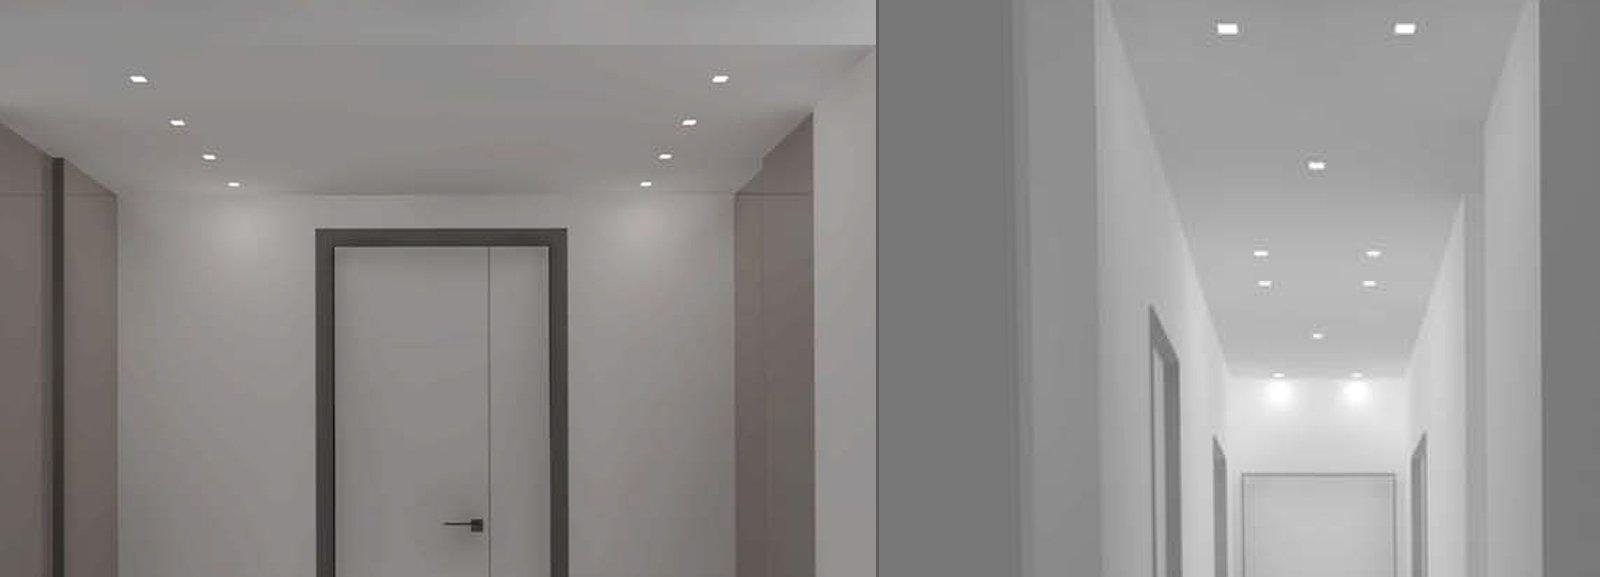 Illuminare gli ambienti con i faretti cose di casa for Faretti casa classica